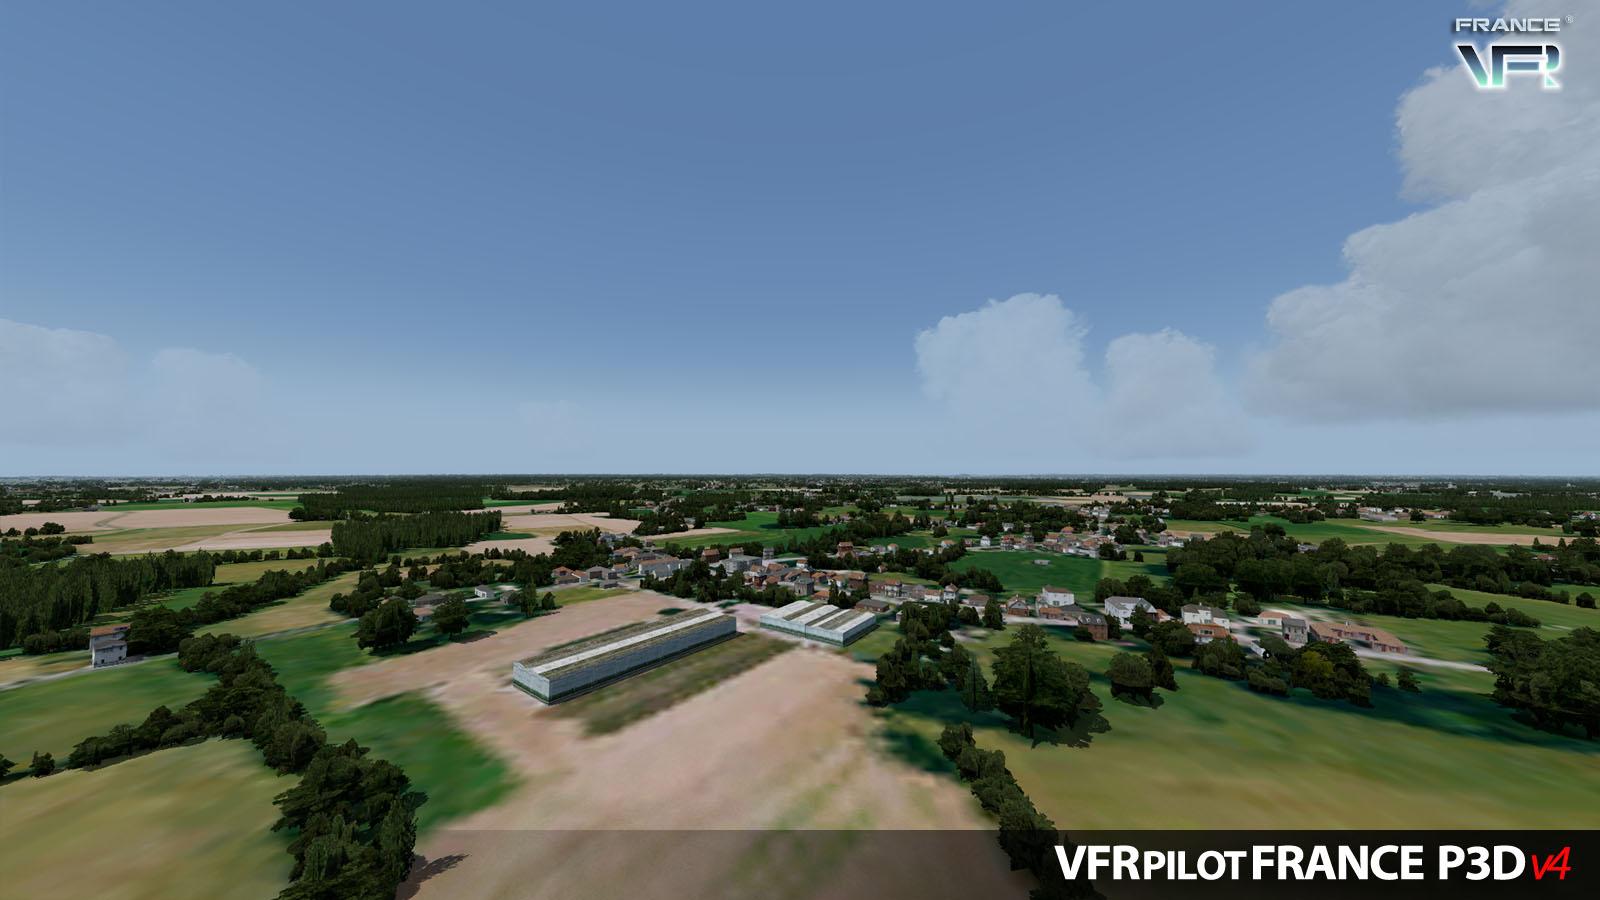 VFRFRAP3D_24